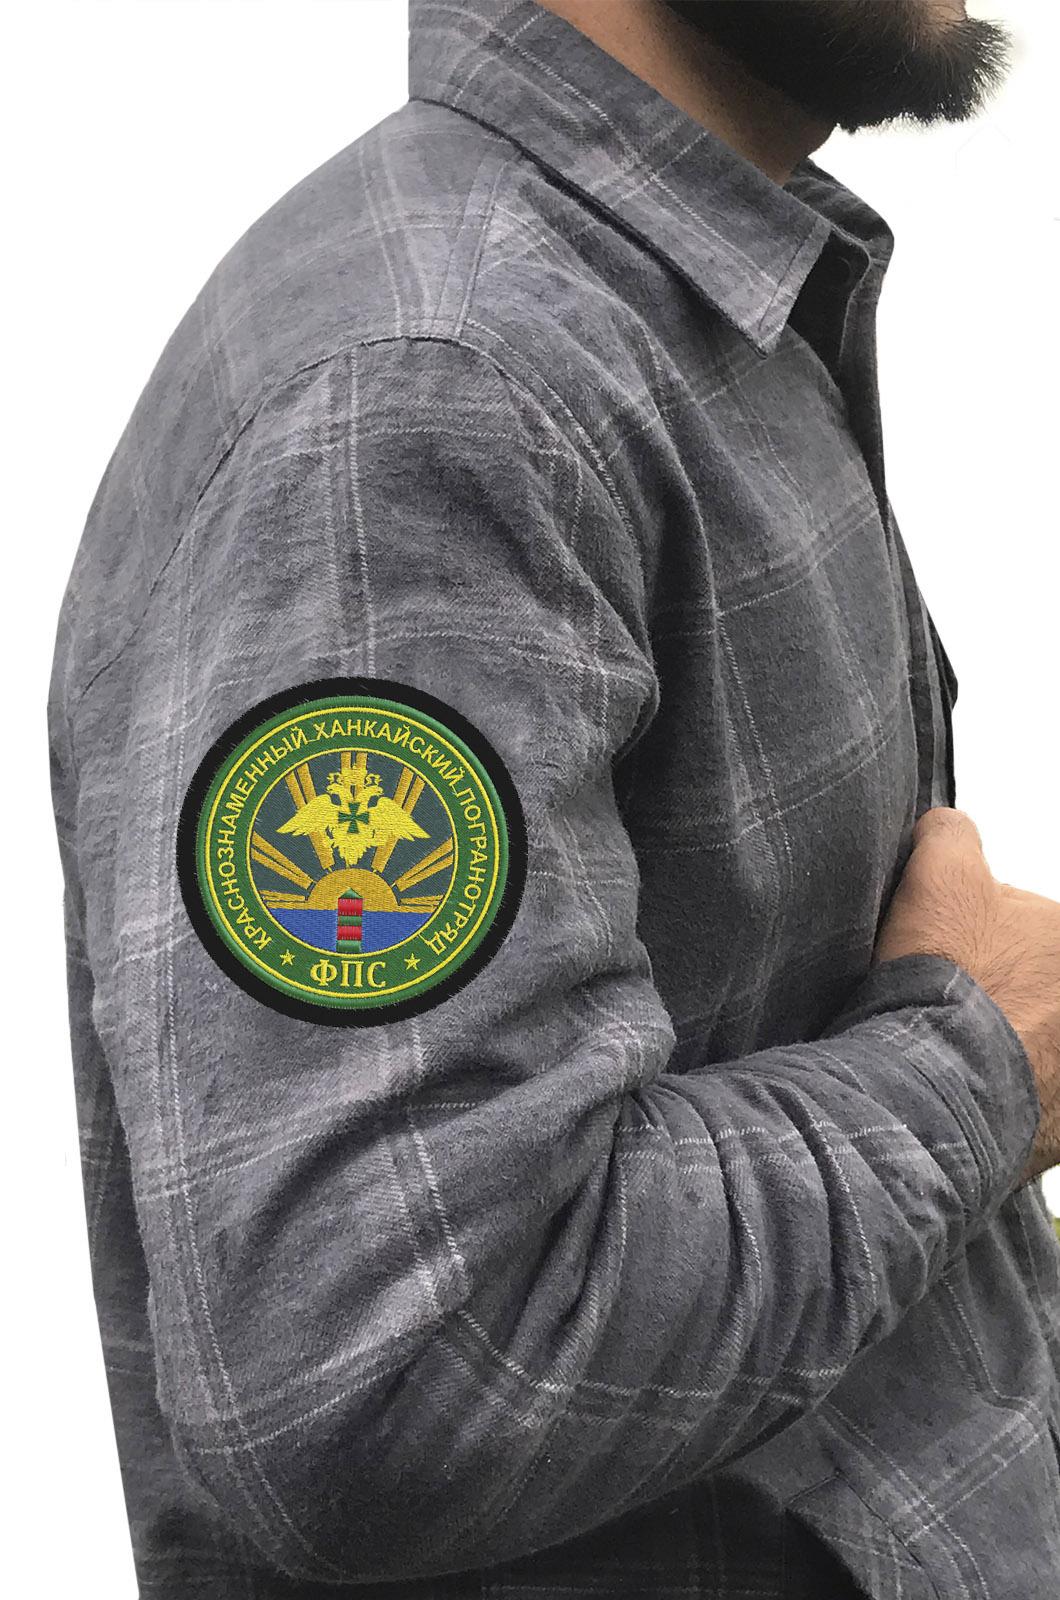 Рубашка пограничника с эмблемой ФСП купить с доставкой